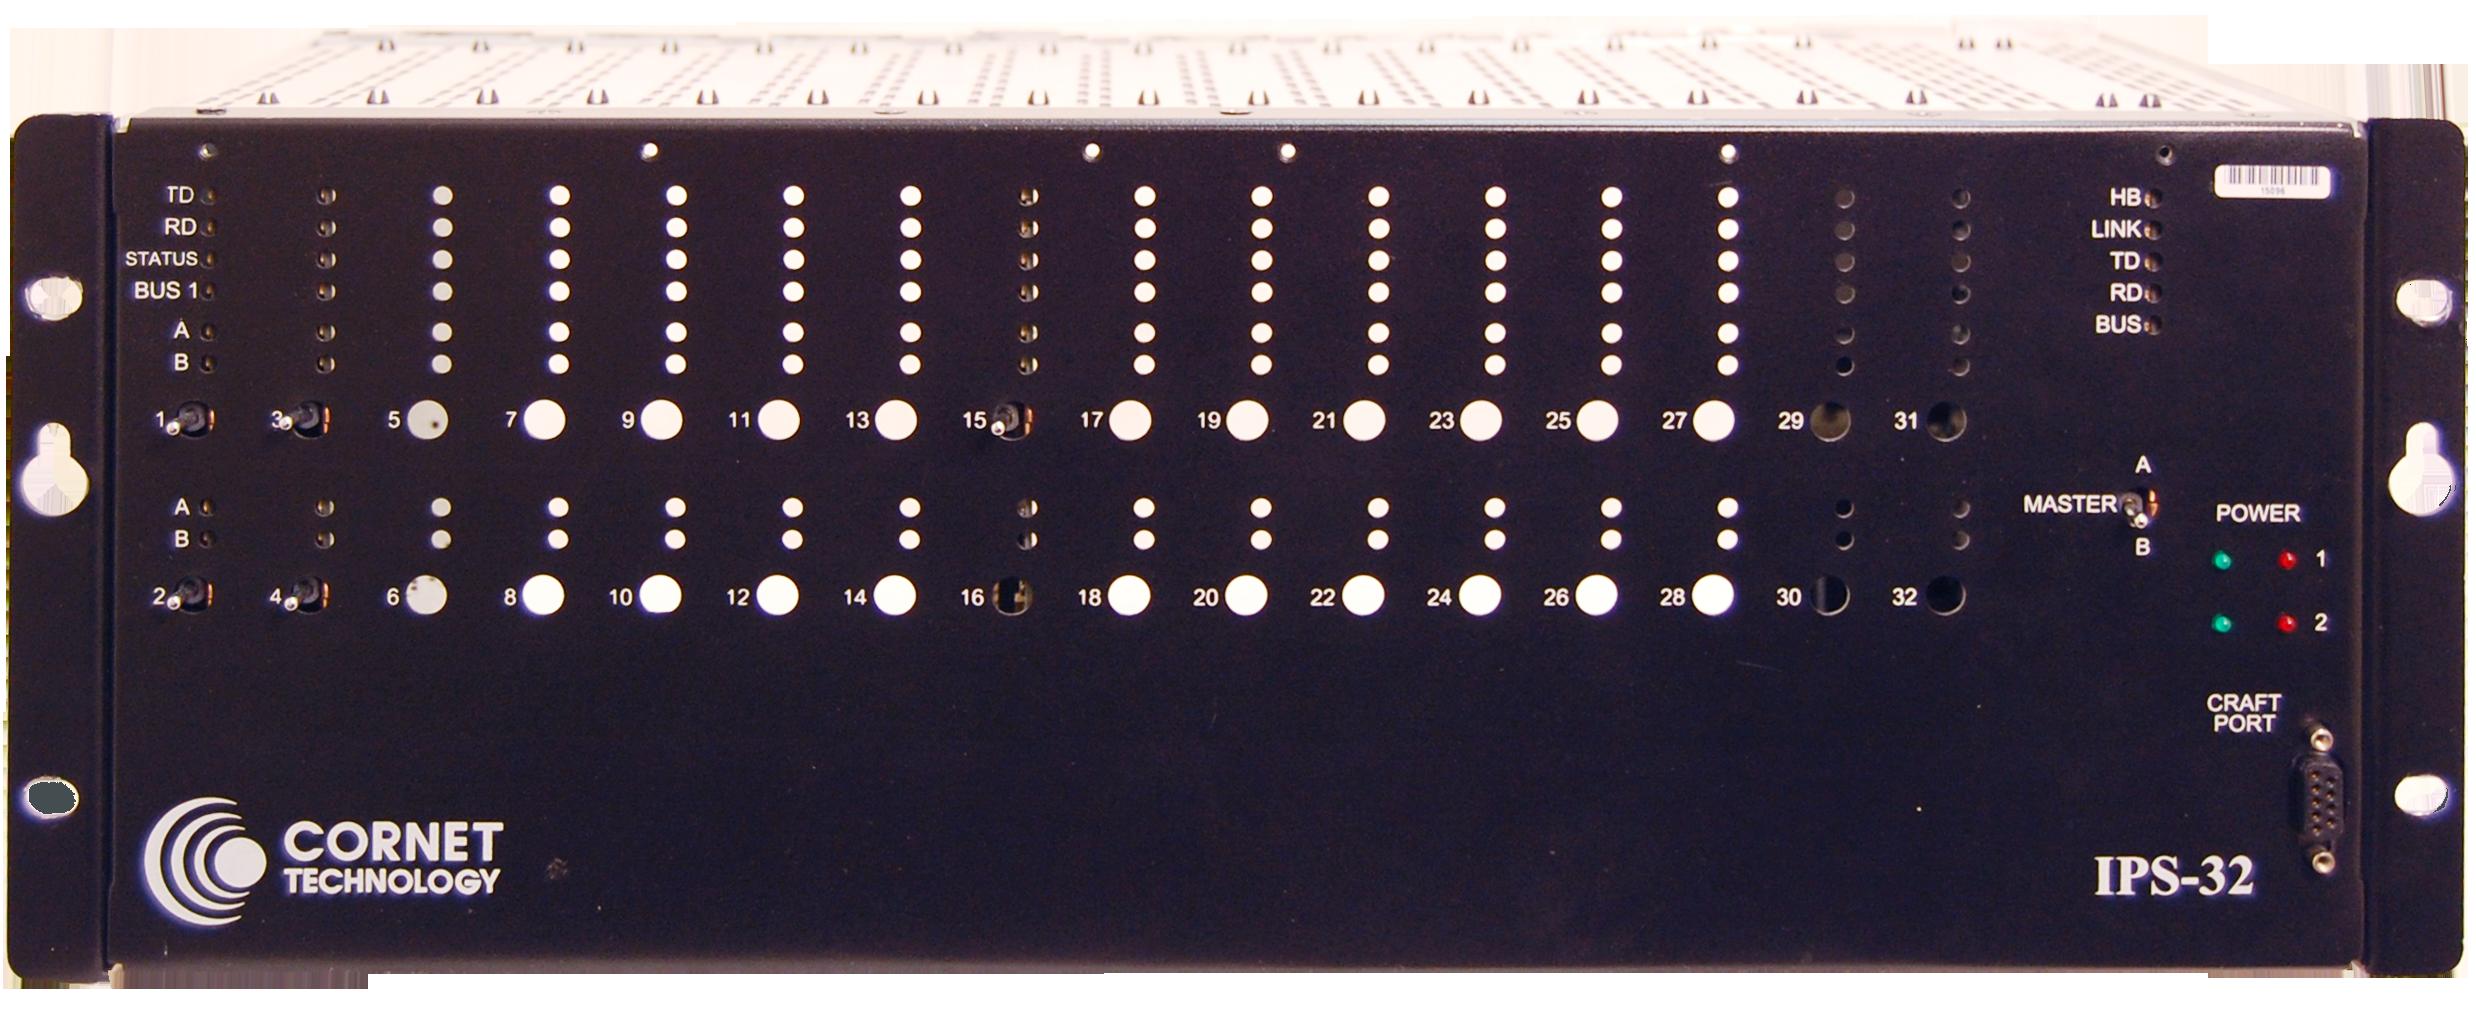 ips-32-front